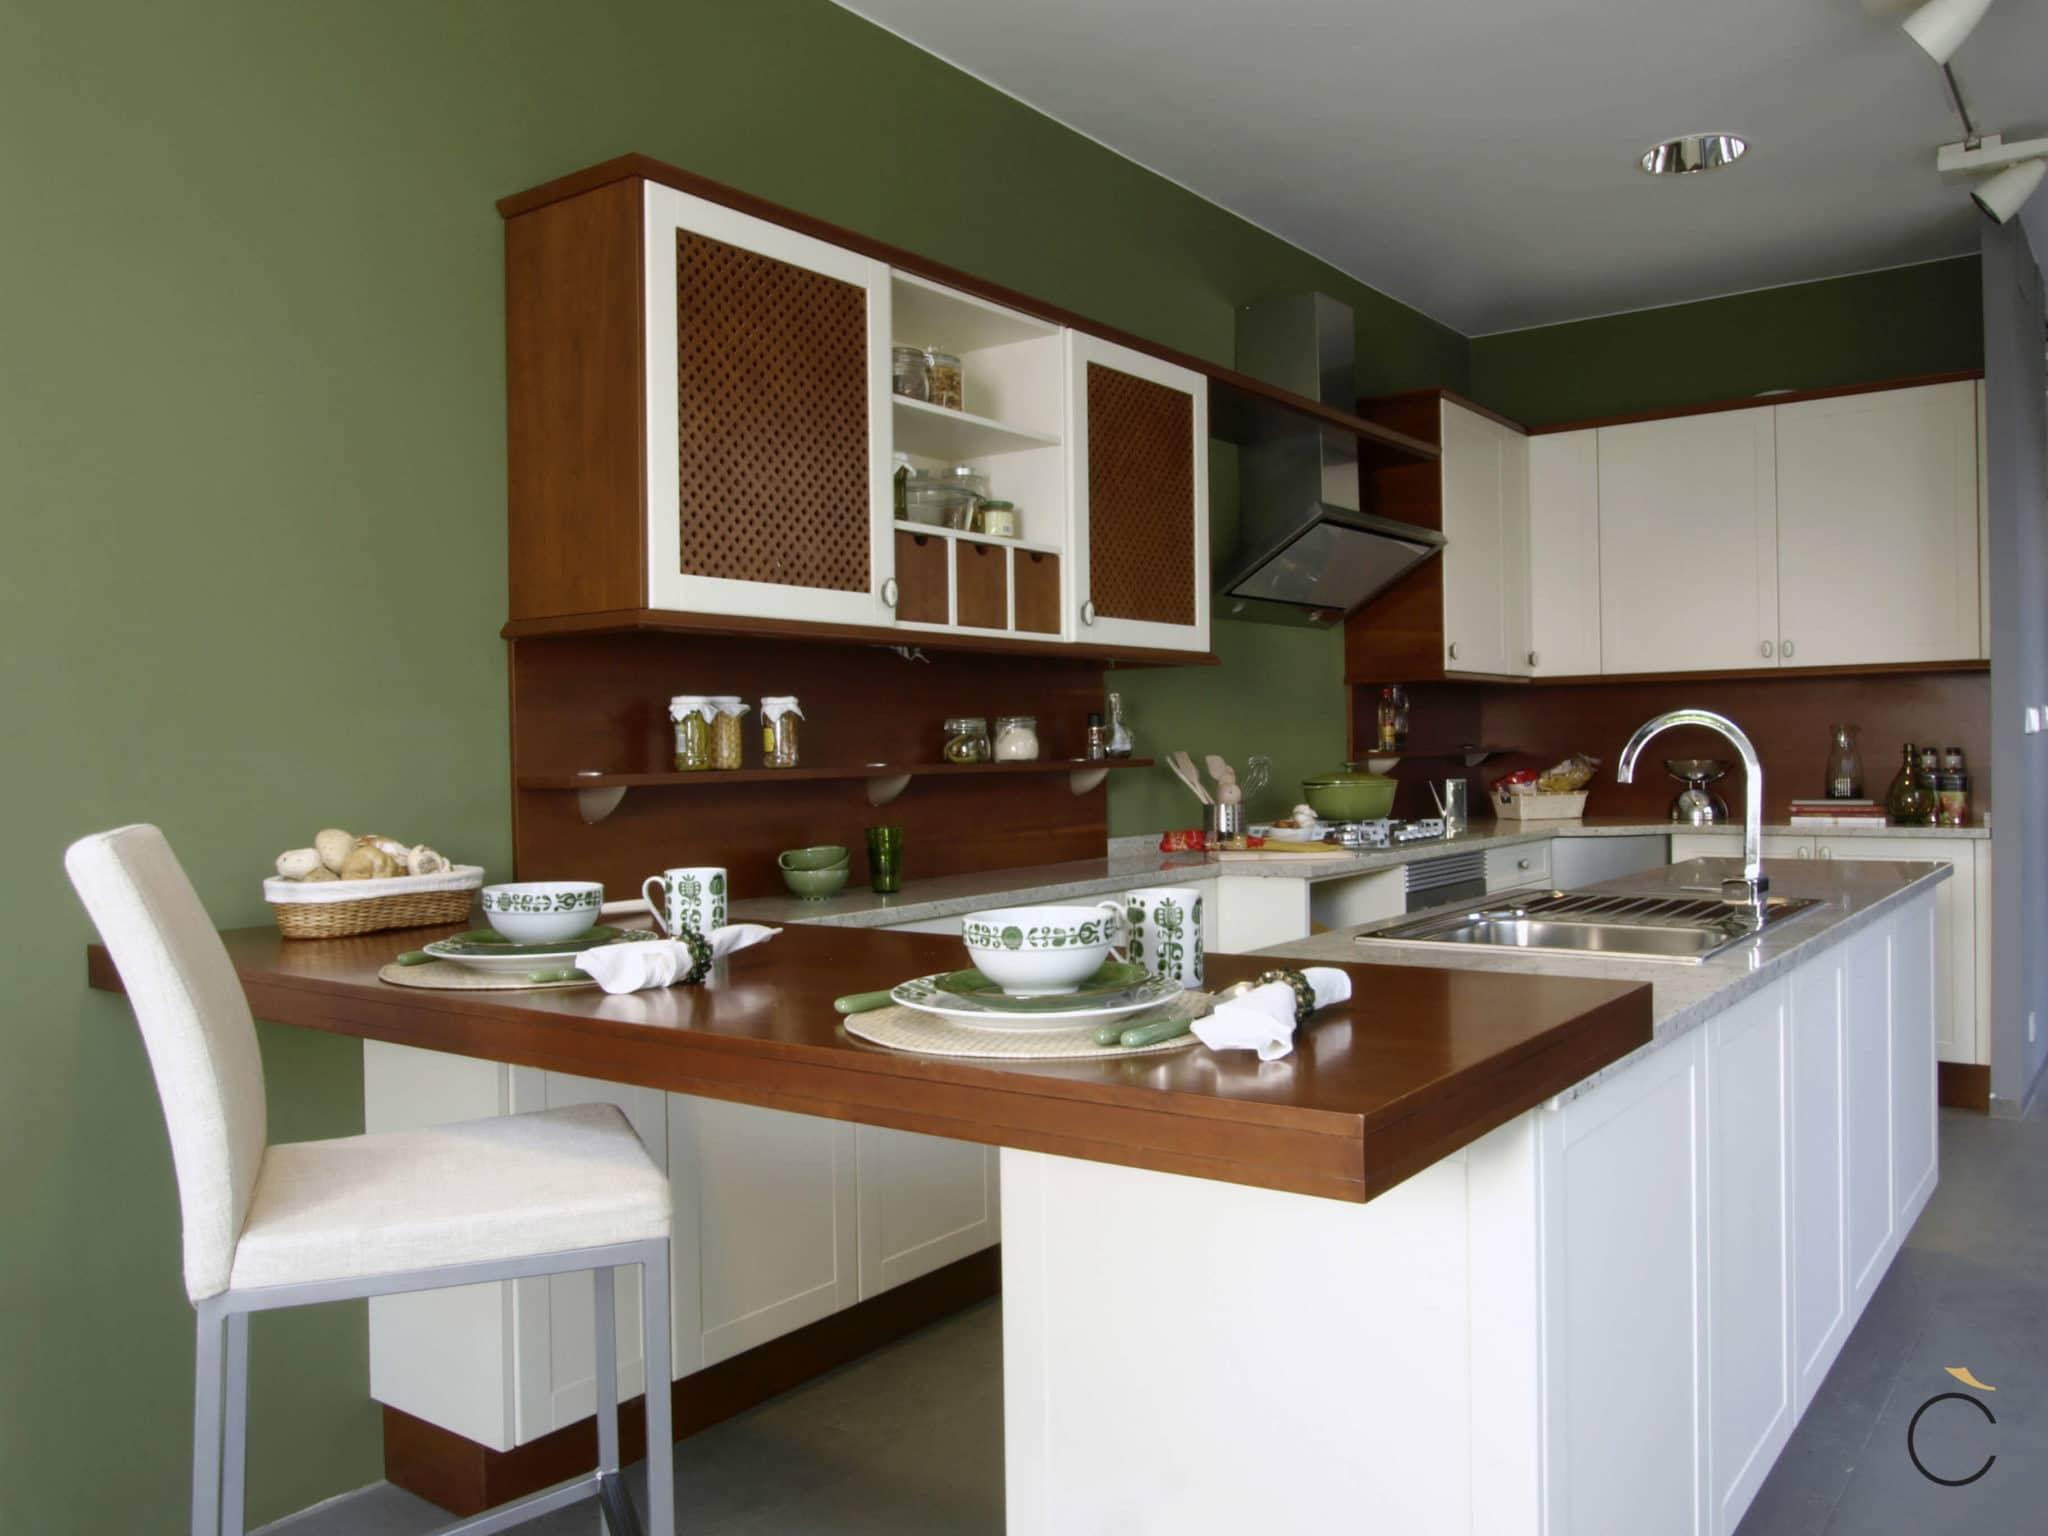 Cocinas Rusticas Modernas Descubrelas En Grupo Coeco - Cocinas-rusticas-modernas-fotos